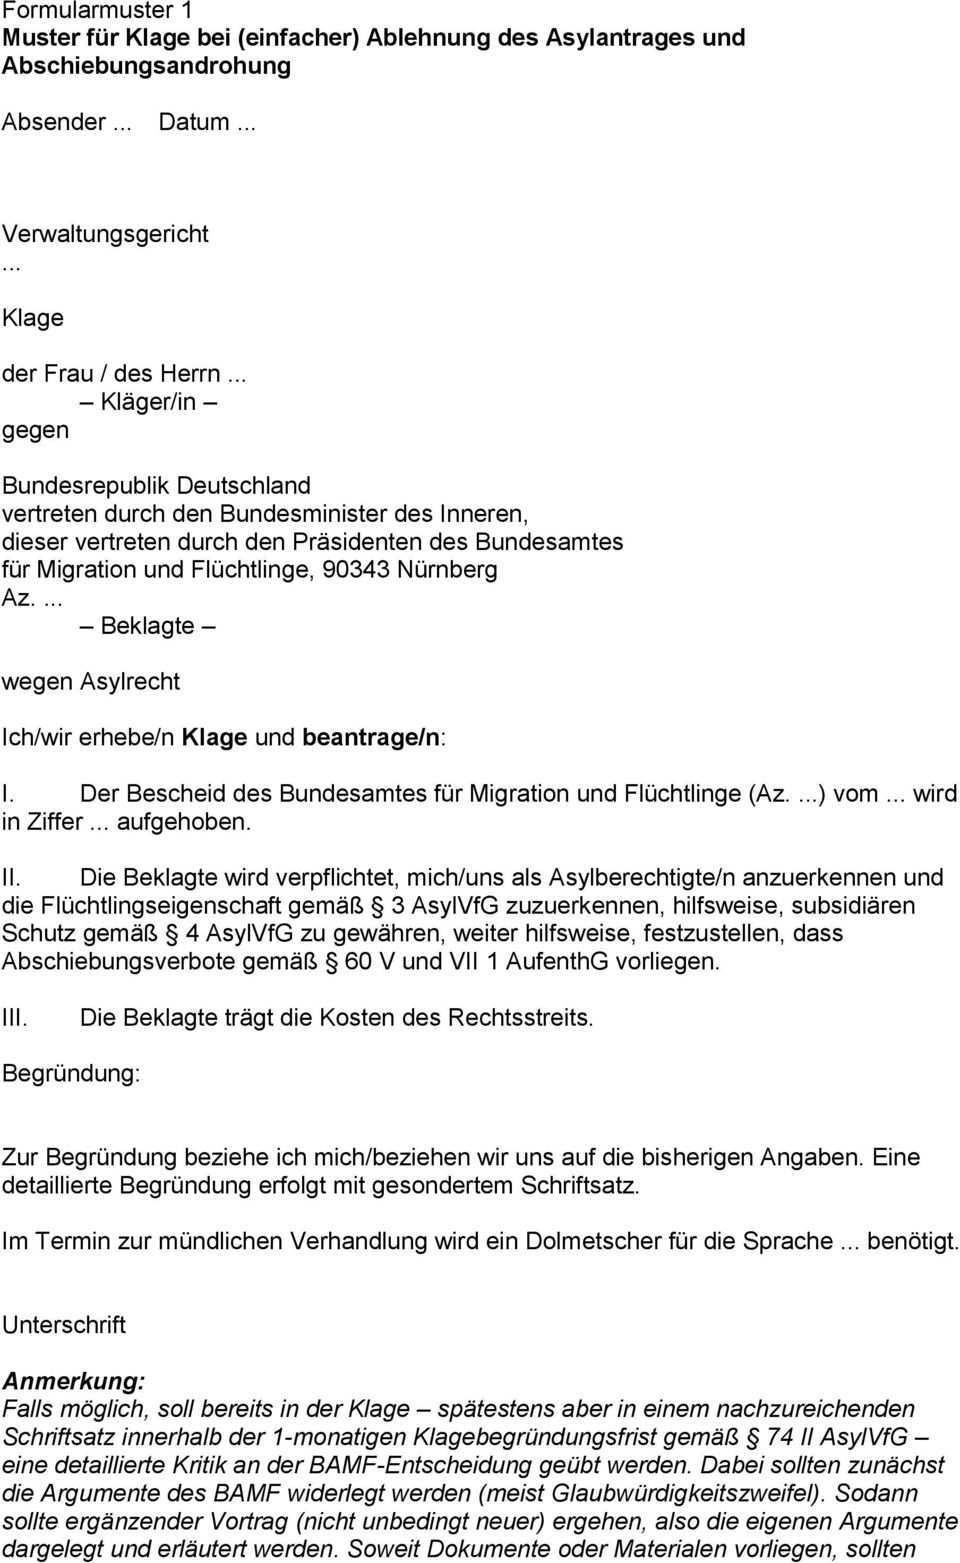 Formularmuster 1 Muster Fur Klage Bei Einfacher Ablehnung Des Asylantrages Und Abschiebungsandrohung Pdf Free Download